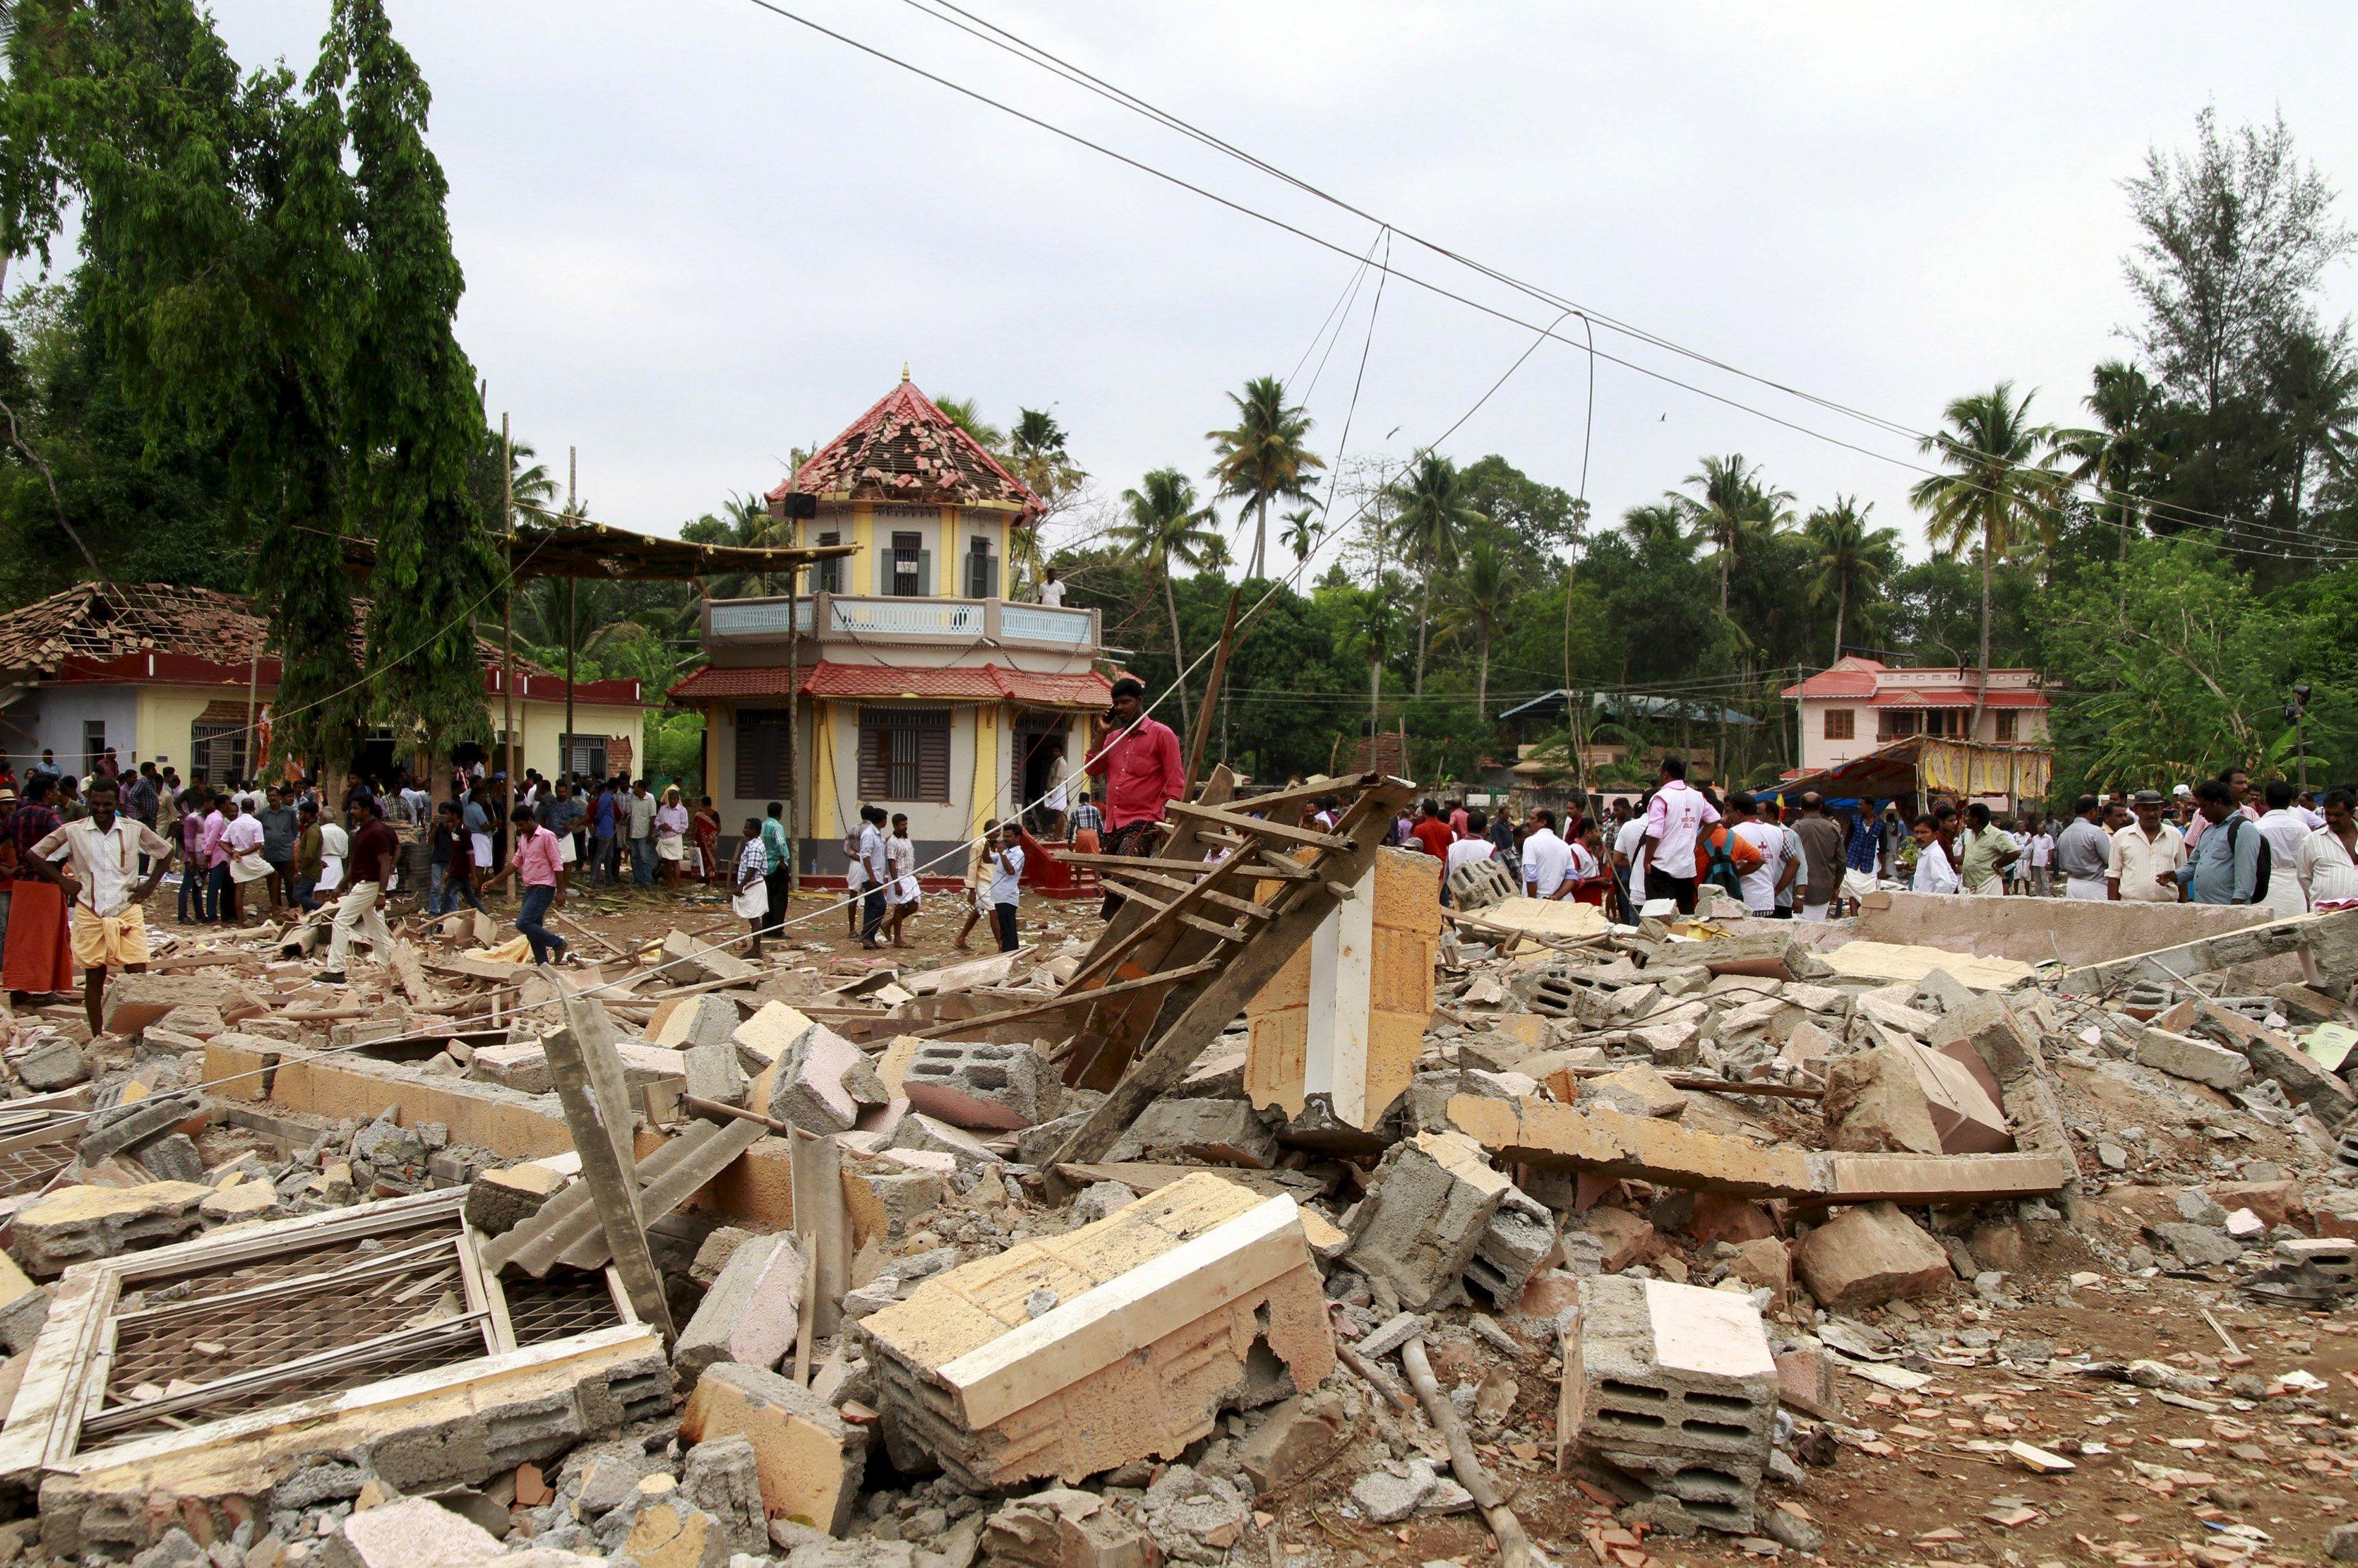 Los fuegos artificiales fueron la causa del incendio en el templo Puttingal donde se registraron más de 500 personas heridas